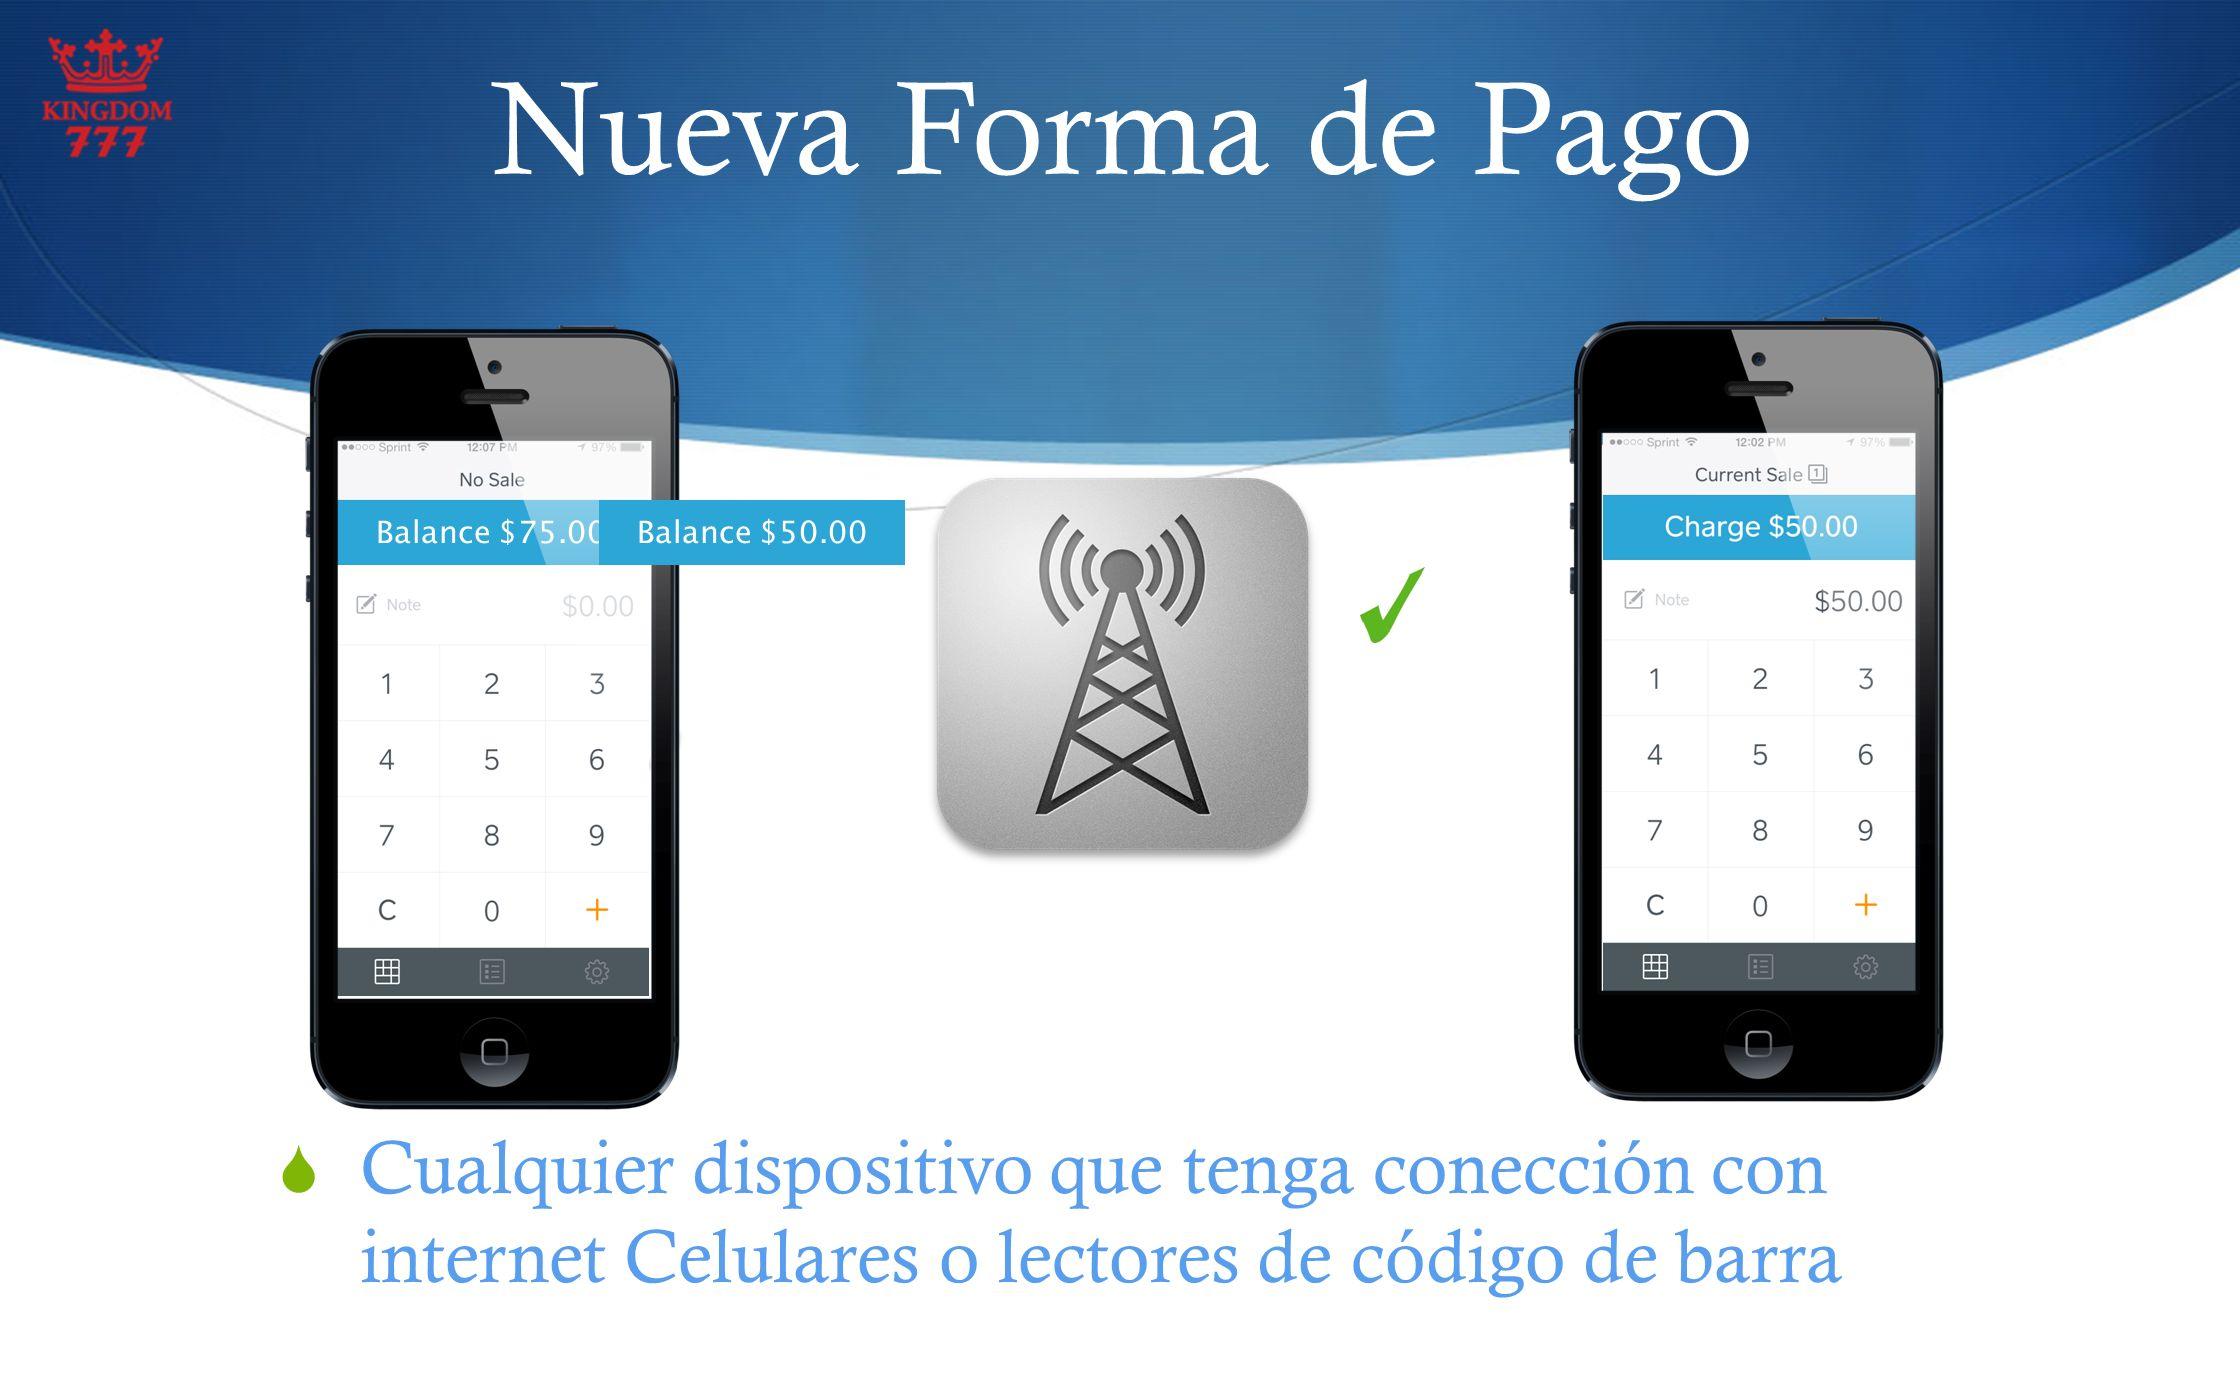 Nueva Forma de Pago Cualquier dispositivo que tenga conección con internet Celulares o lectores de código de barra 4